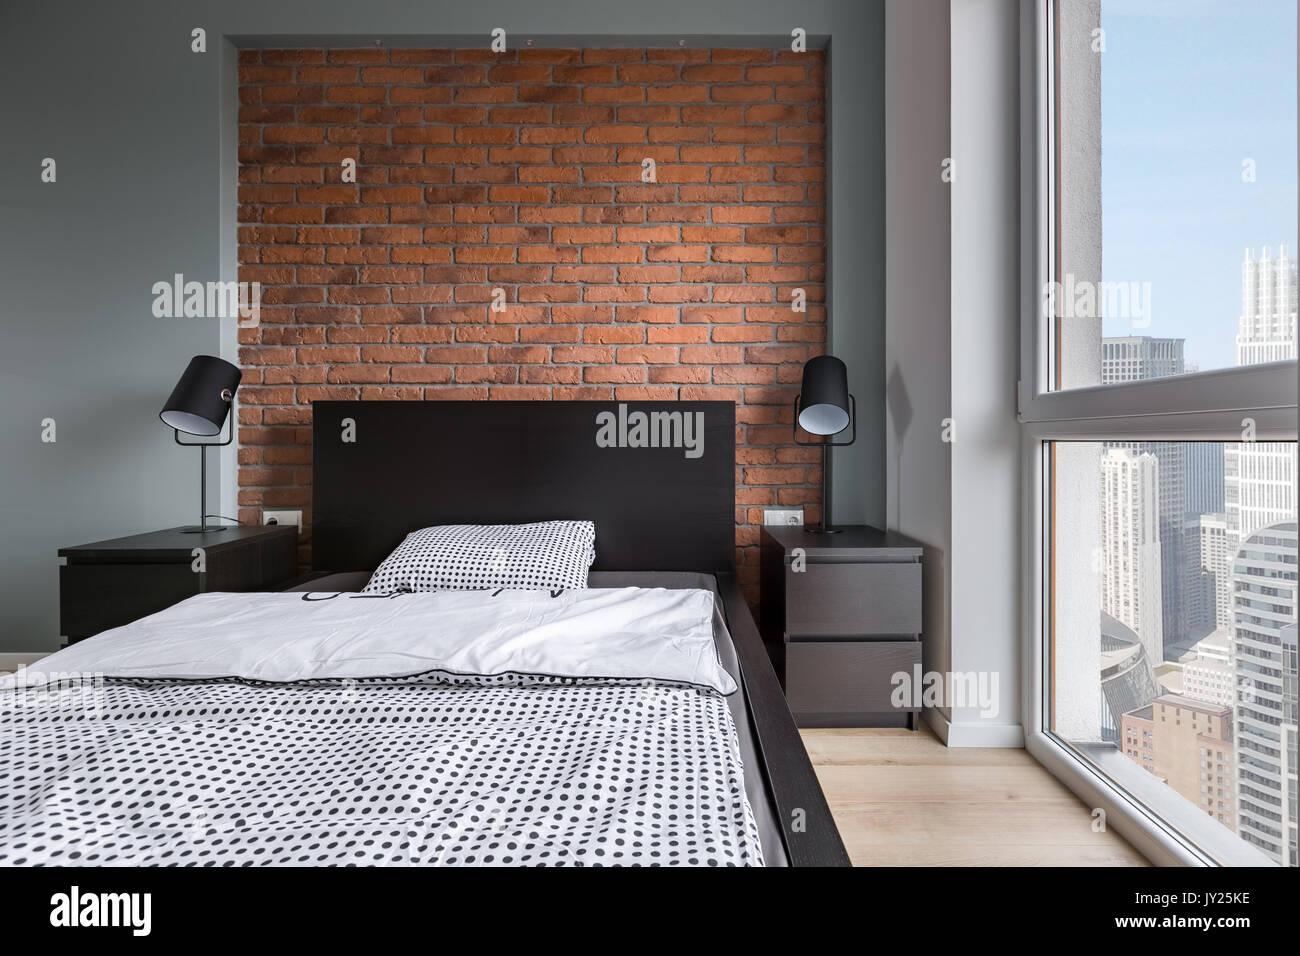 Semplice camera da letto con letto doppio muro di mattoni e una grande finestra foto immagine - Camera da letto grande ...